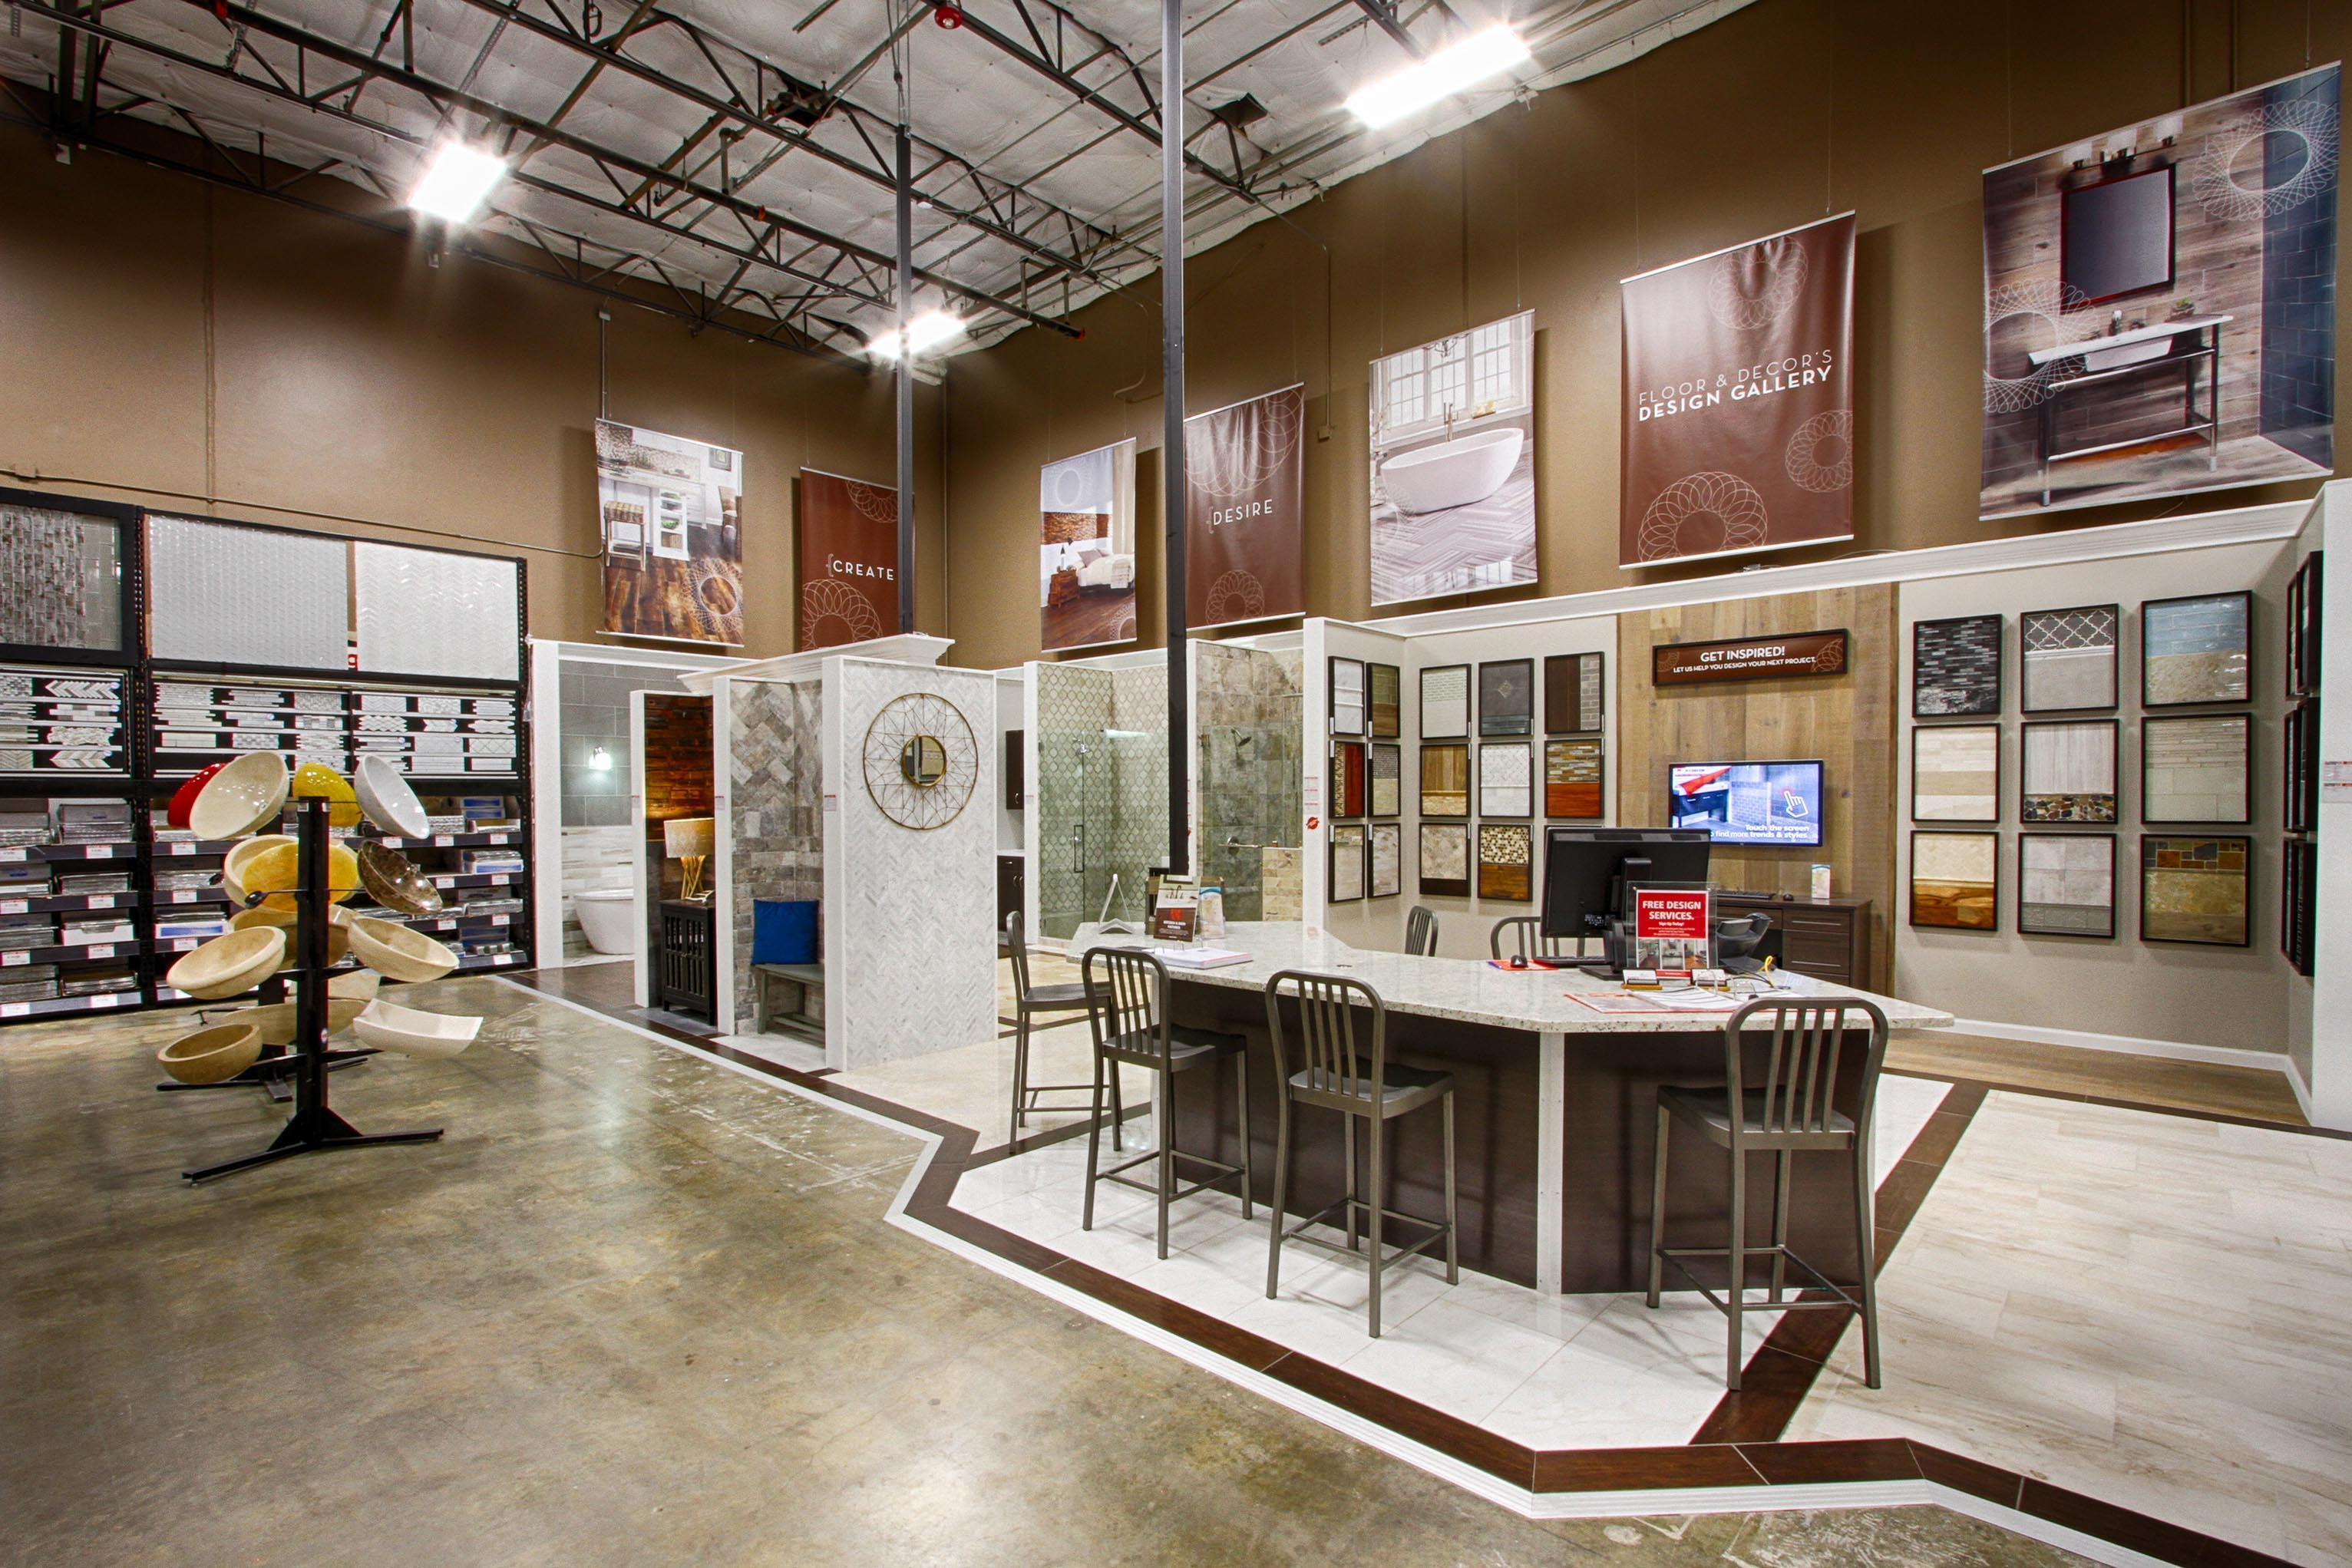 Floor Decor Outlets 800 W 15th St Plano Tx Interior Decorators Design Consultants Mapquest